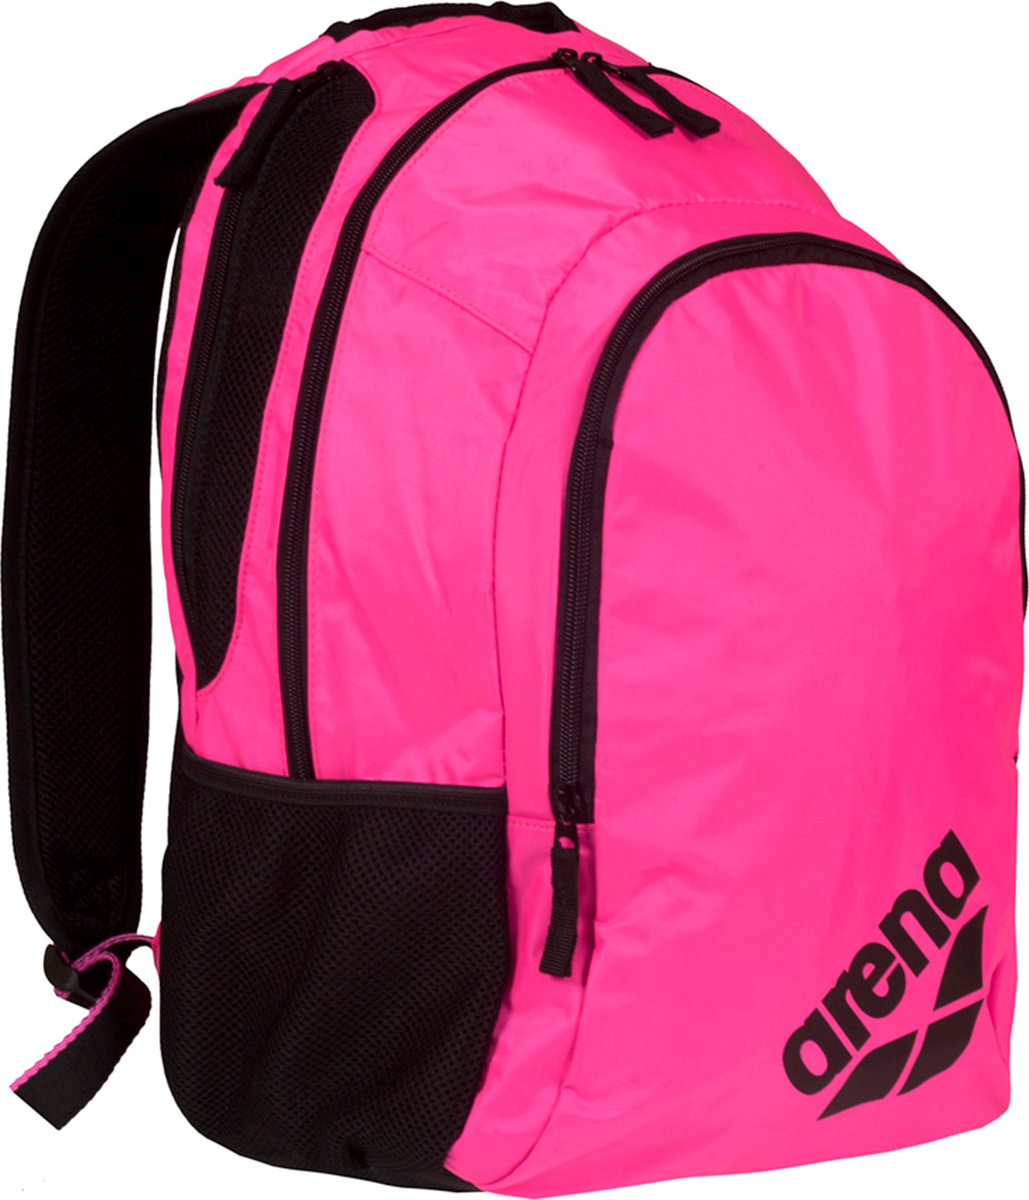 6b15d70697b6 Рюкзак спортивный Arena Spiky 2, цвет: розовый, черный, 30 л. 1E005 59 —  купить в интернет-магазине OZON.ru с быстрой доставкой